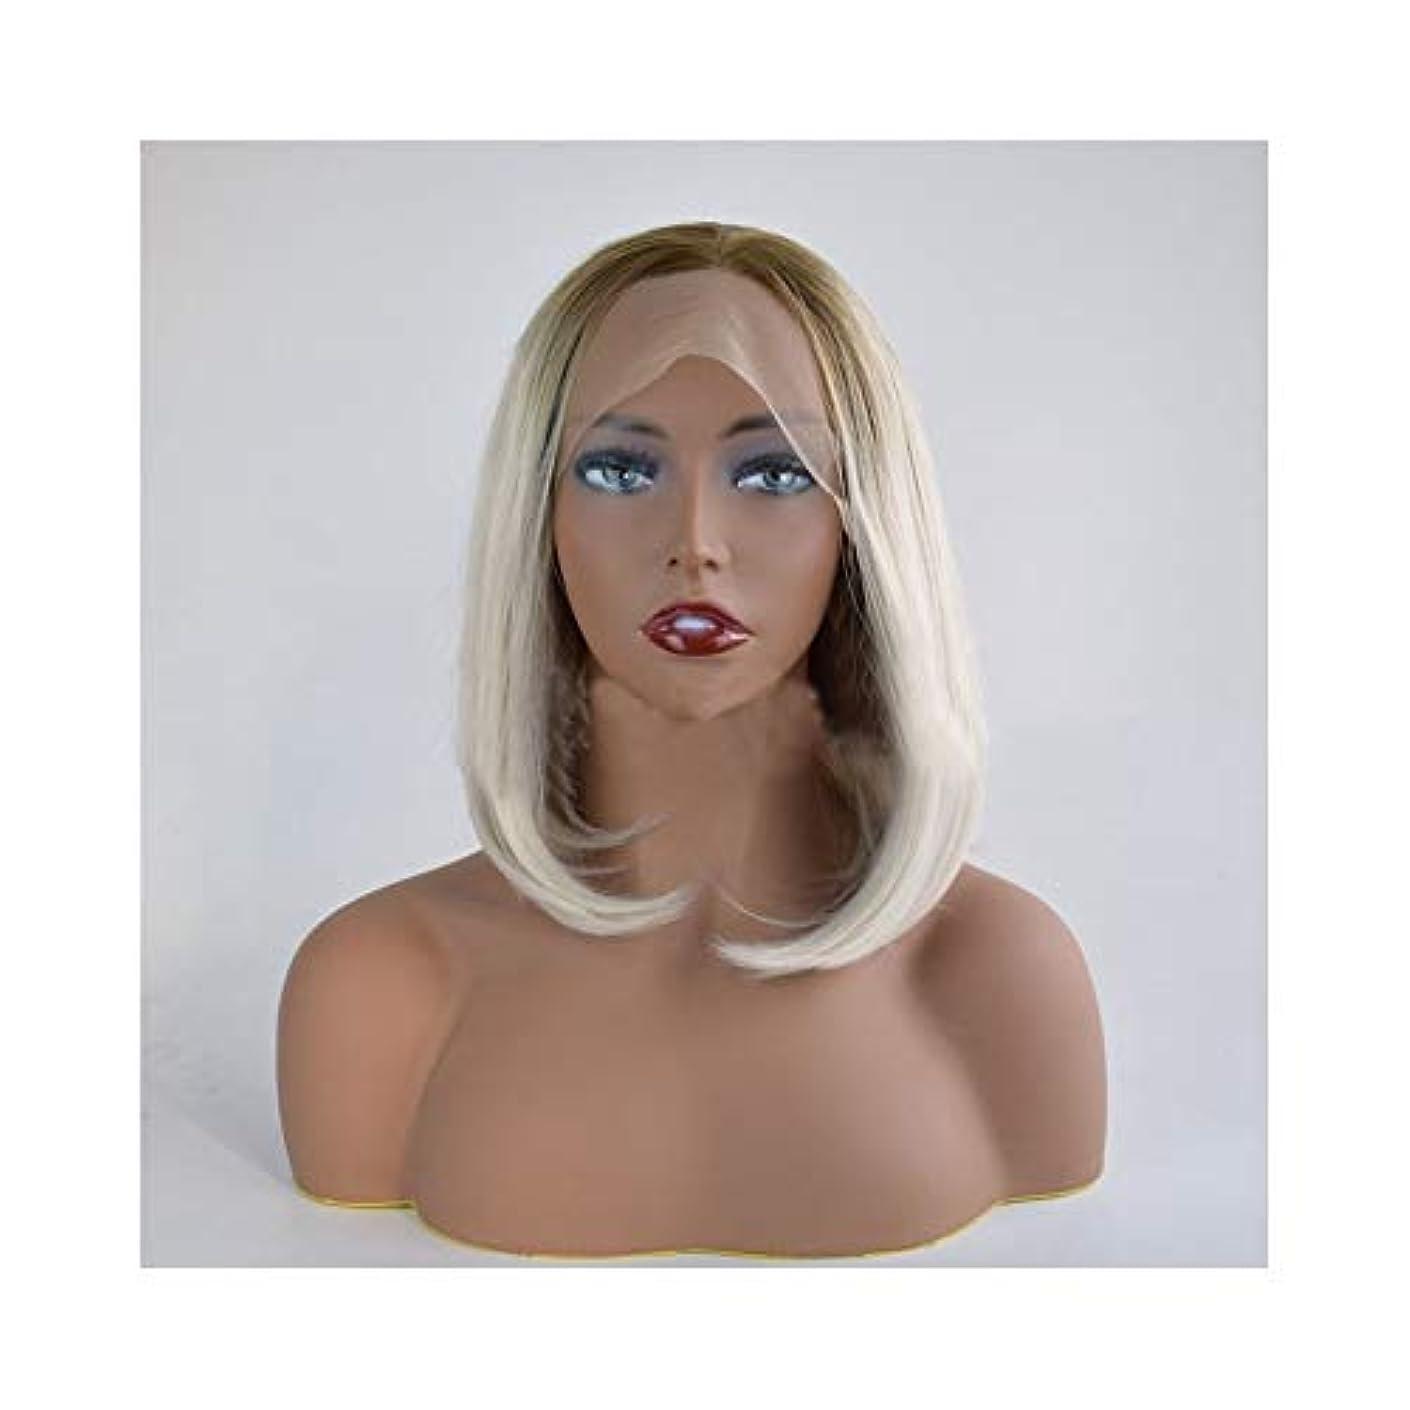 お肉部屋を掃除する書店YOUQIU BOB女子ショートストレートヘアーの合成レースフロントウィッグ、ライトグレーウィッグ (色 : Light gray, サイズ : 12 inch)